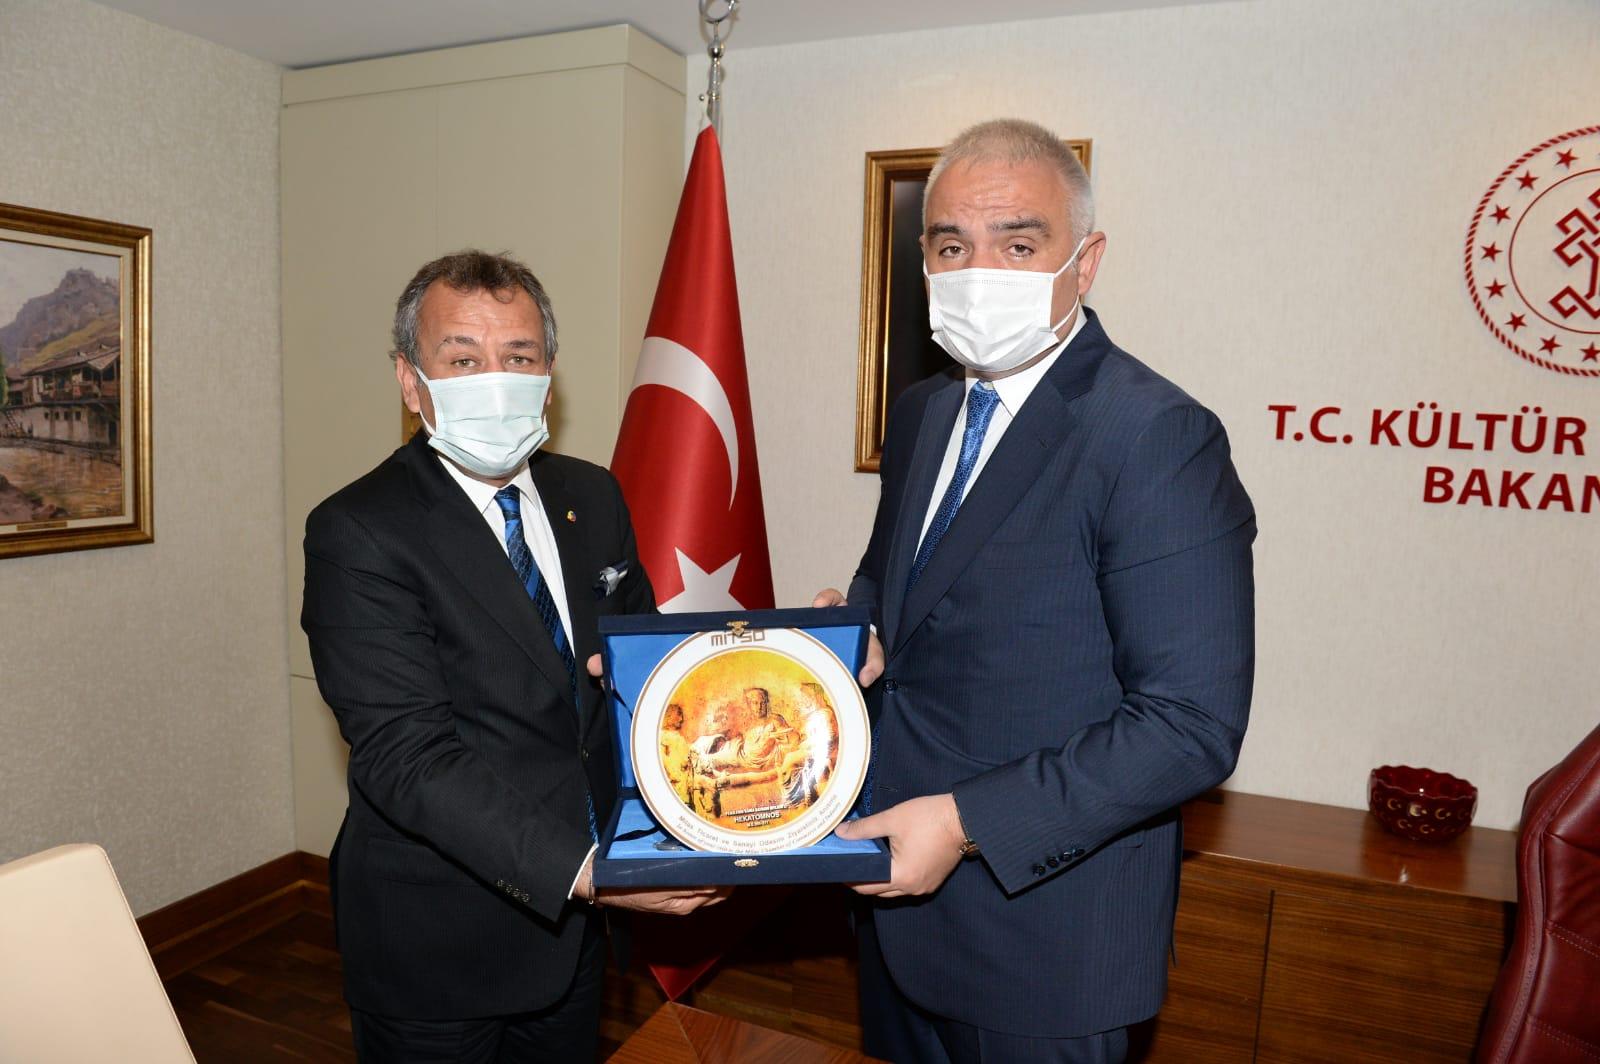 """Muğla Borsası ve Odaları Kültür ve Turizm Bakanı M. Nuri Ersoy'u ziyaret ettiler. """"TURİZME VE EĞLENCE SEKTÖRÜNE DESTEK, MİLAS'A YENİ MÜZE"""""""